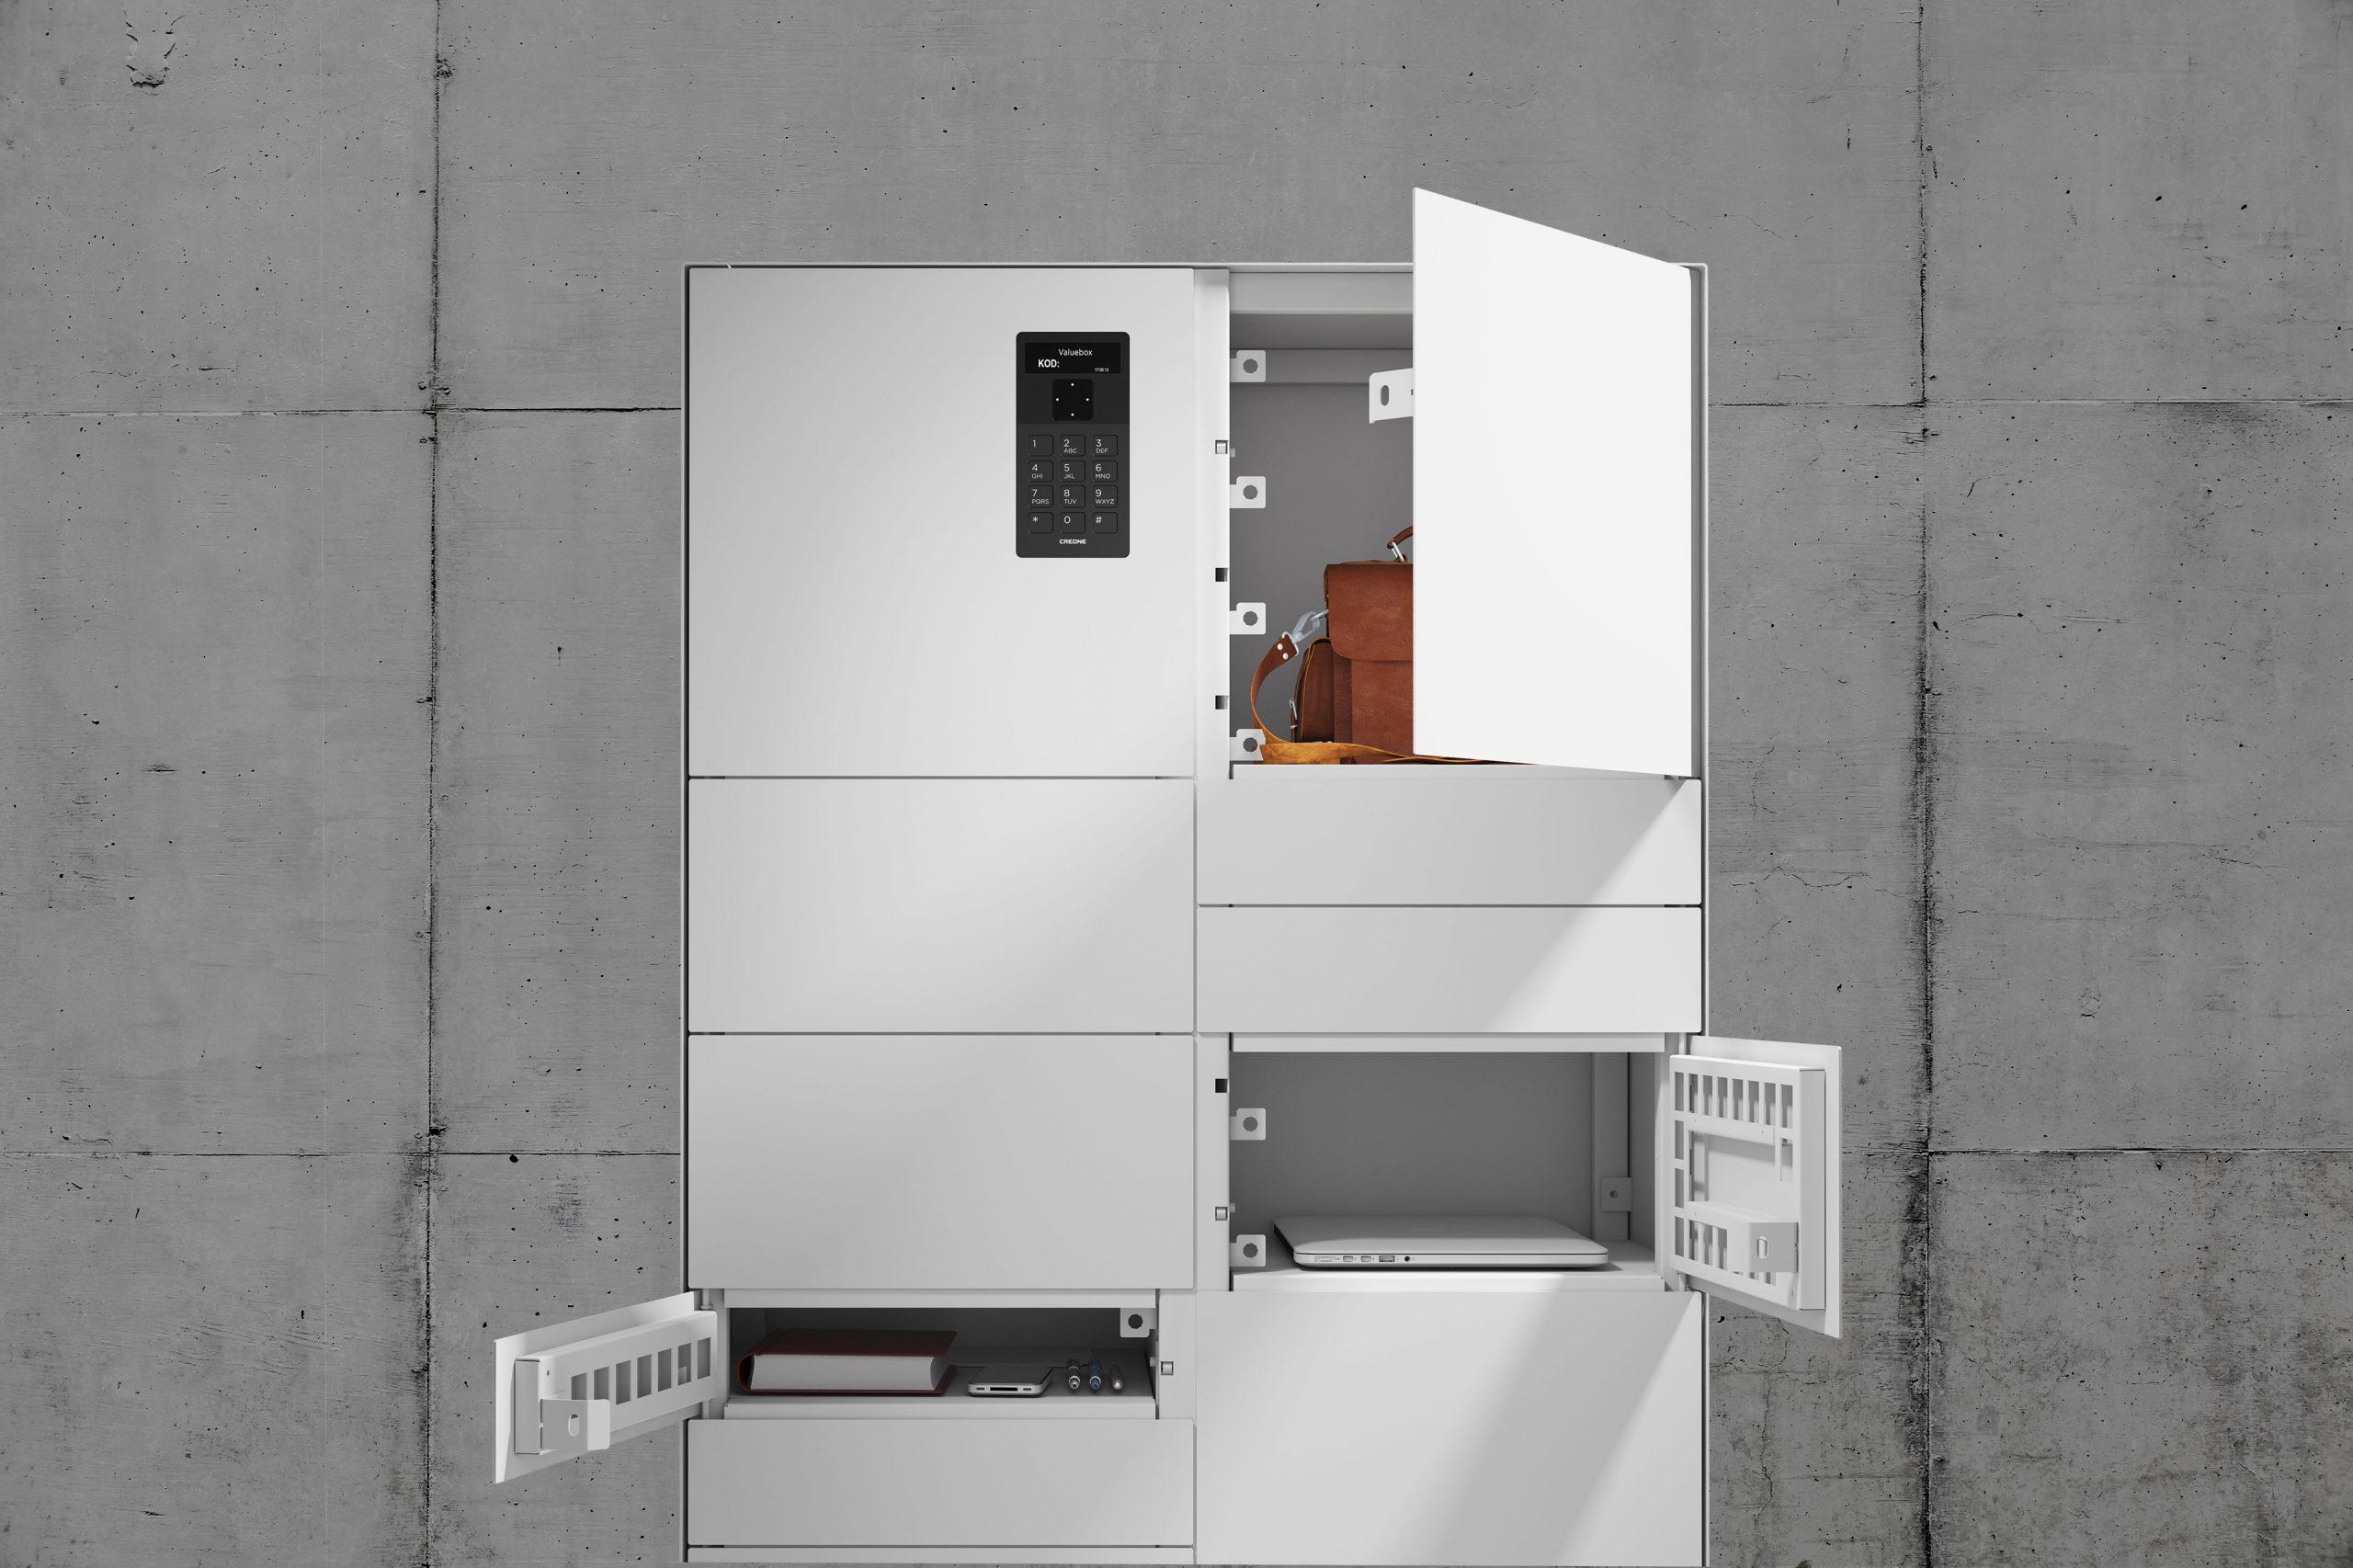 Wertschrank aus der Serie Control mit drei verschiedenen Arten von Fächern zur Aufbewahrung von Gegenständen.